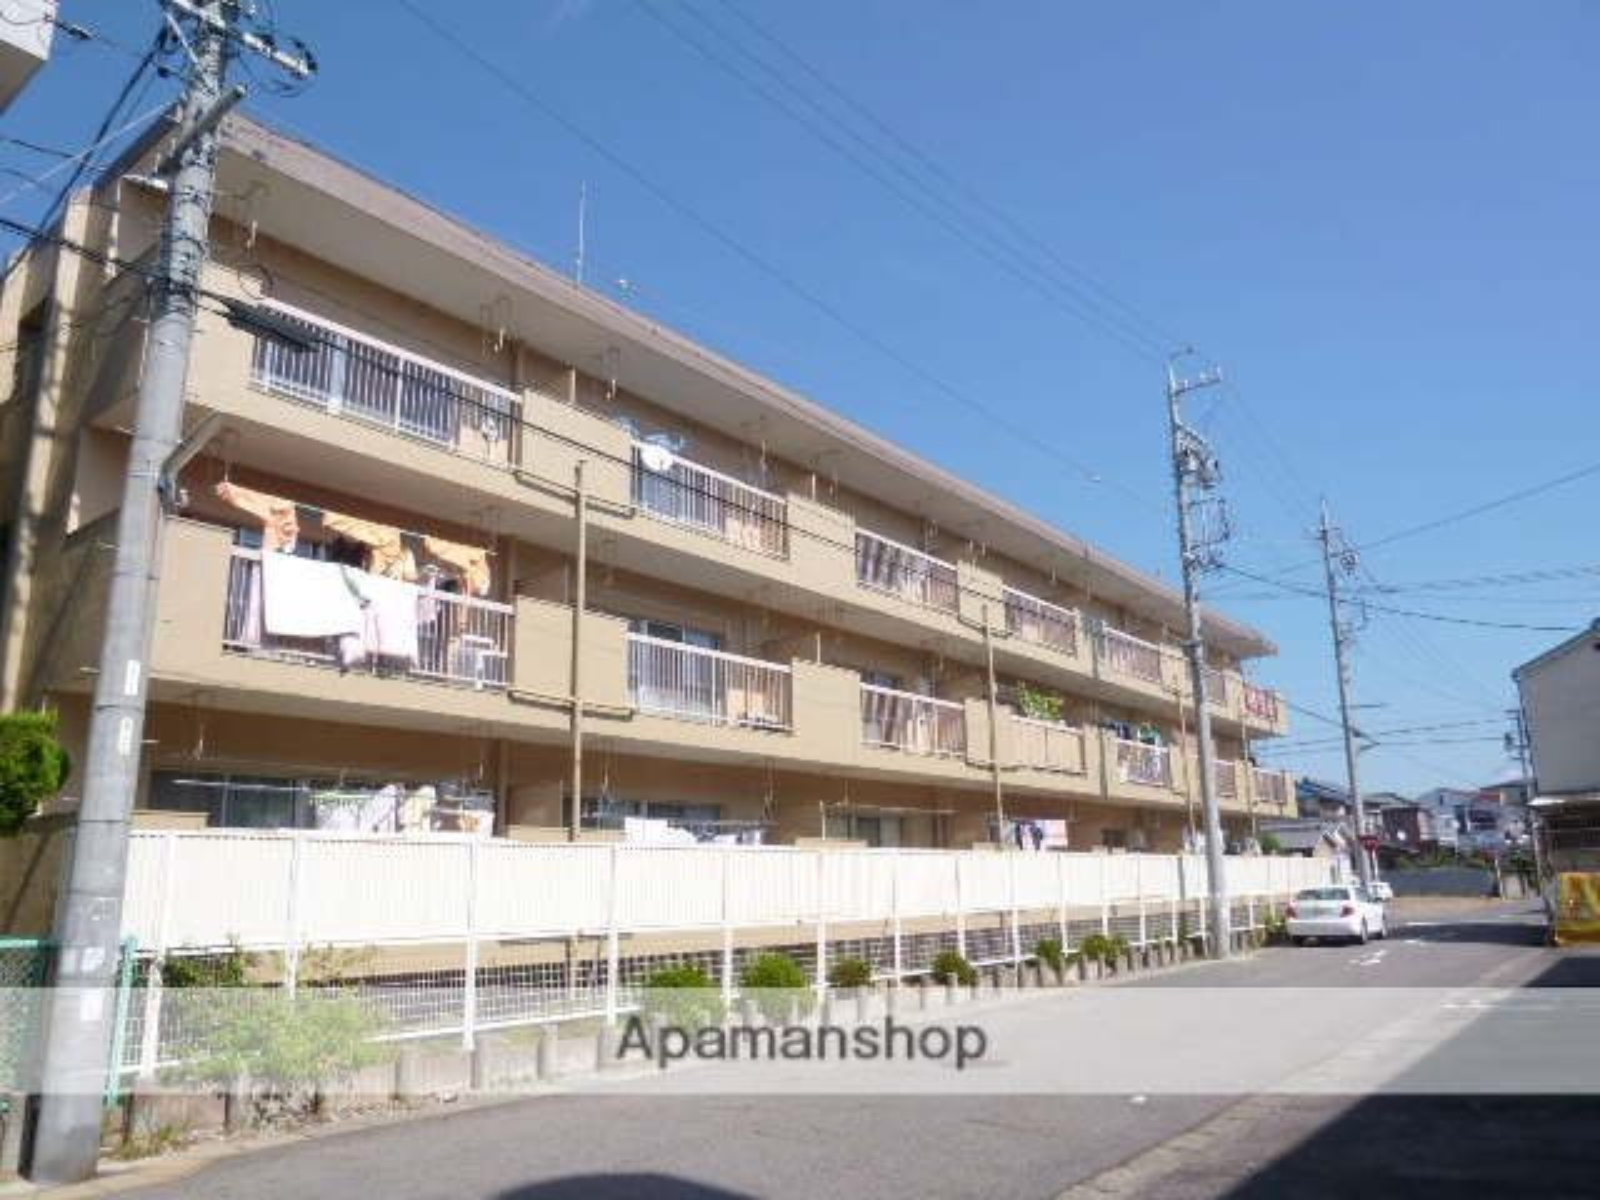 愛知県春日井市、春日井駅徒歩10分の築41年 3階建の賃貸マンション